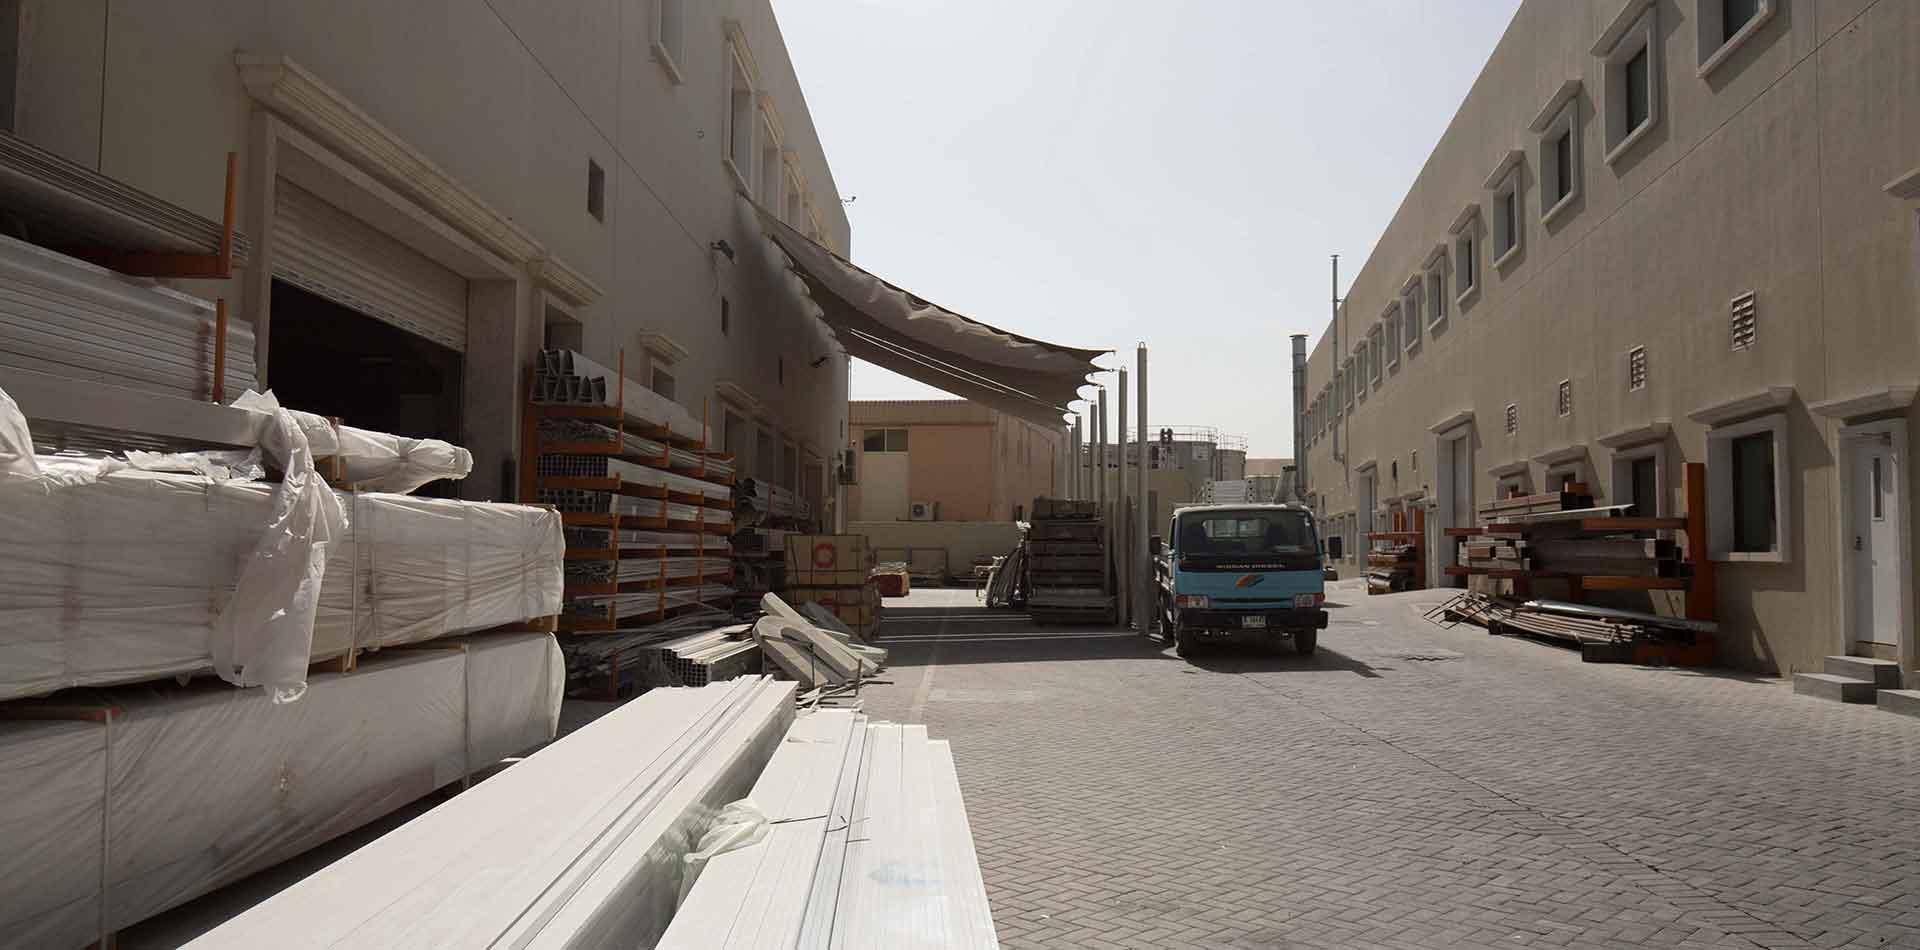 Warehouse of Joseph Group for Aluminium Gantry